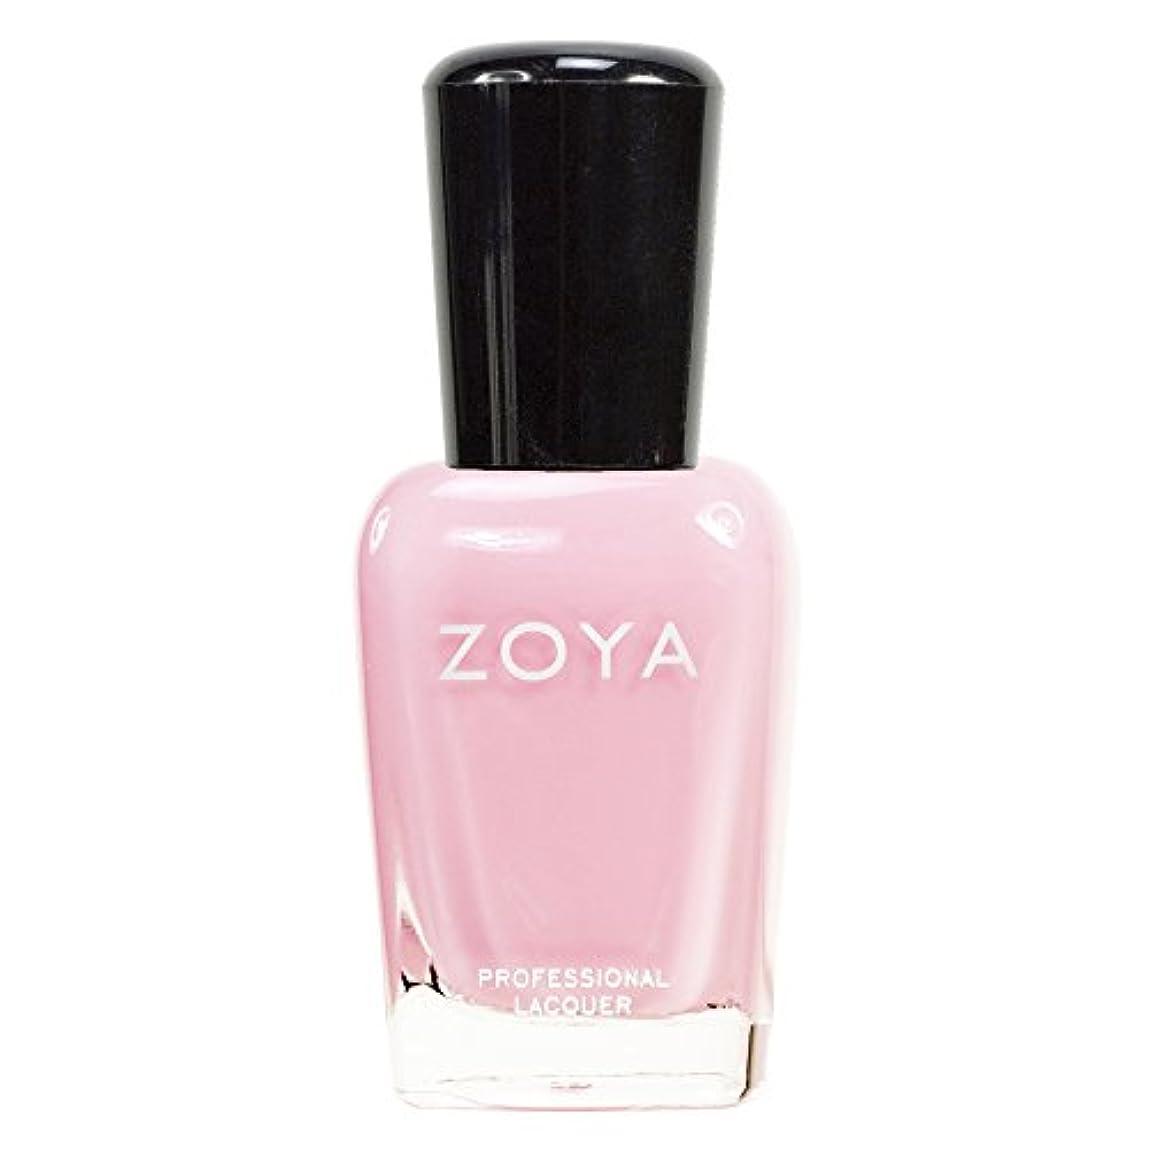 ビジネスとらえどころのない注目すべきZOYA ゾーヤ ネイルカラーZP315 BELA ベラ 15ml 淡く優しいクリーミーなピンク マット 爪にやさしいネイルラッカーマニキュア